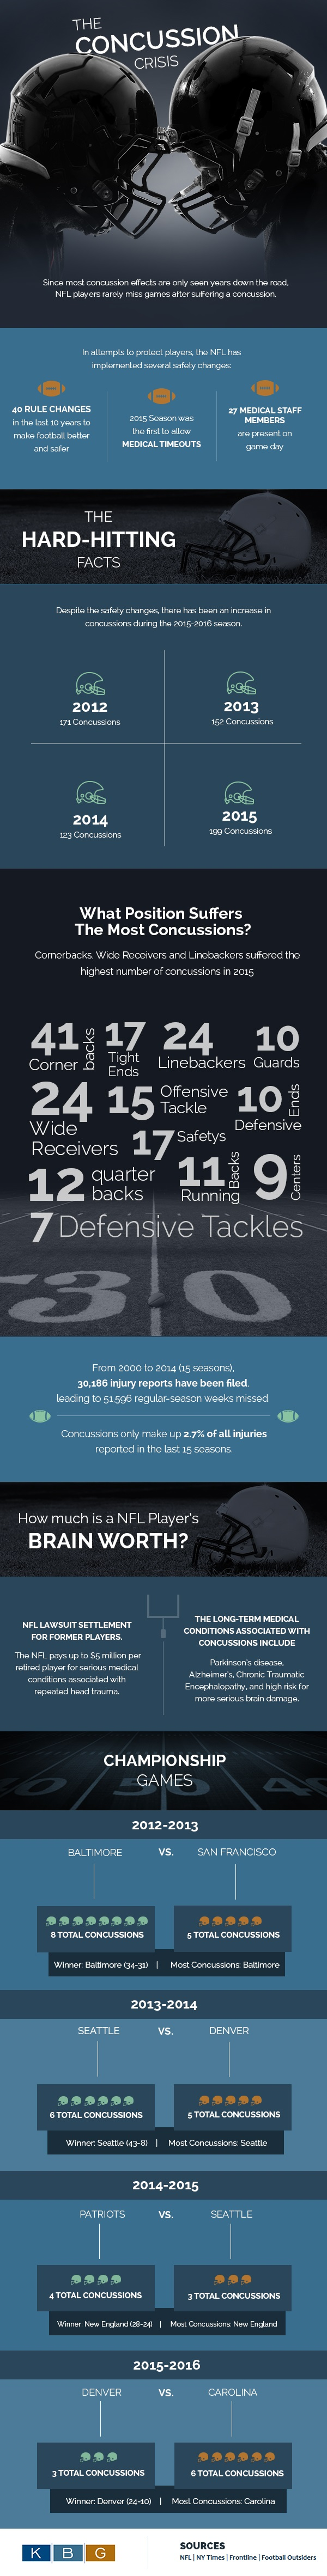 NFL Concussion Crisis